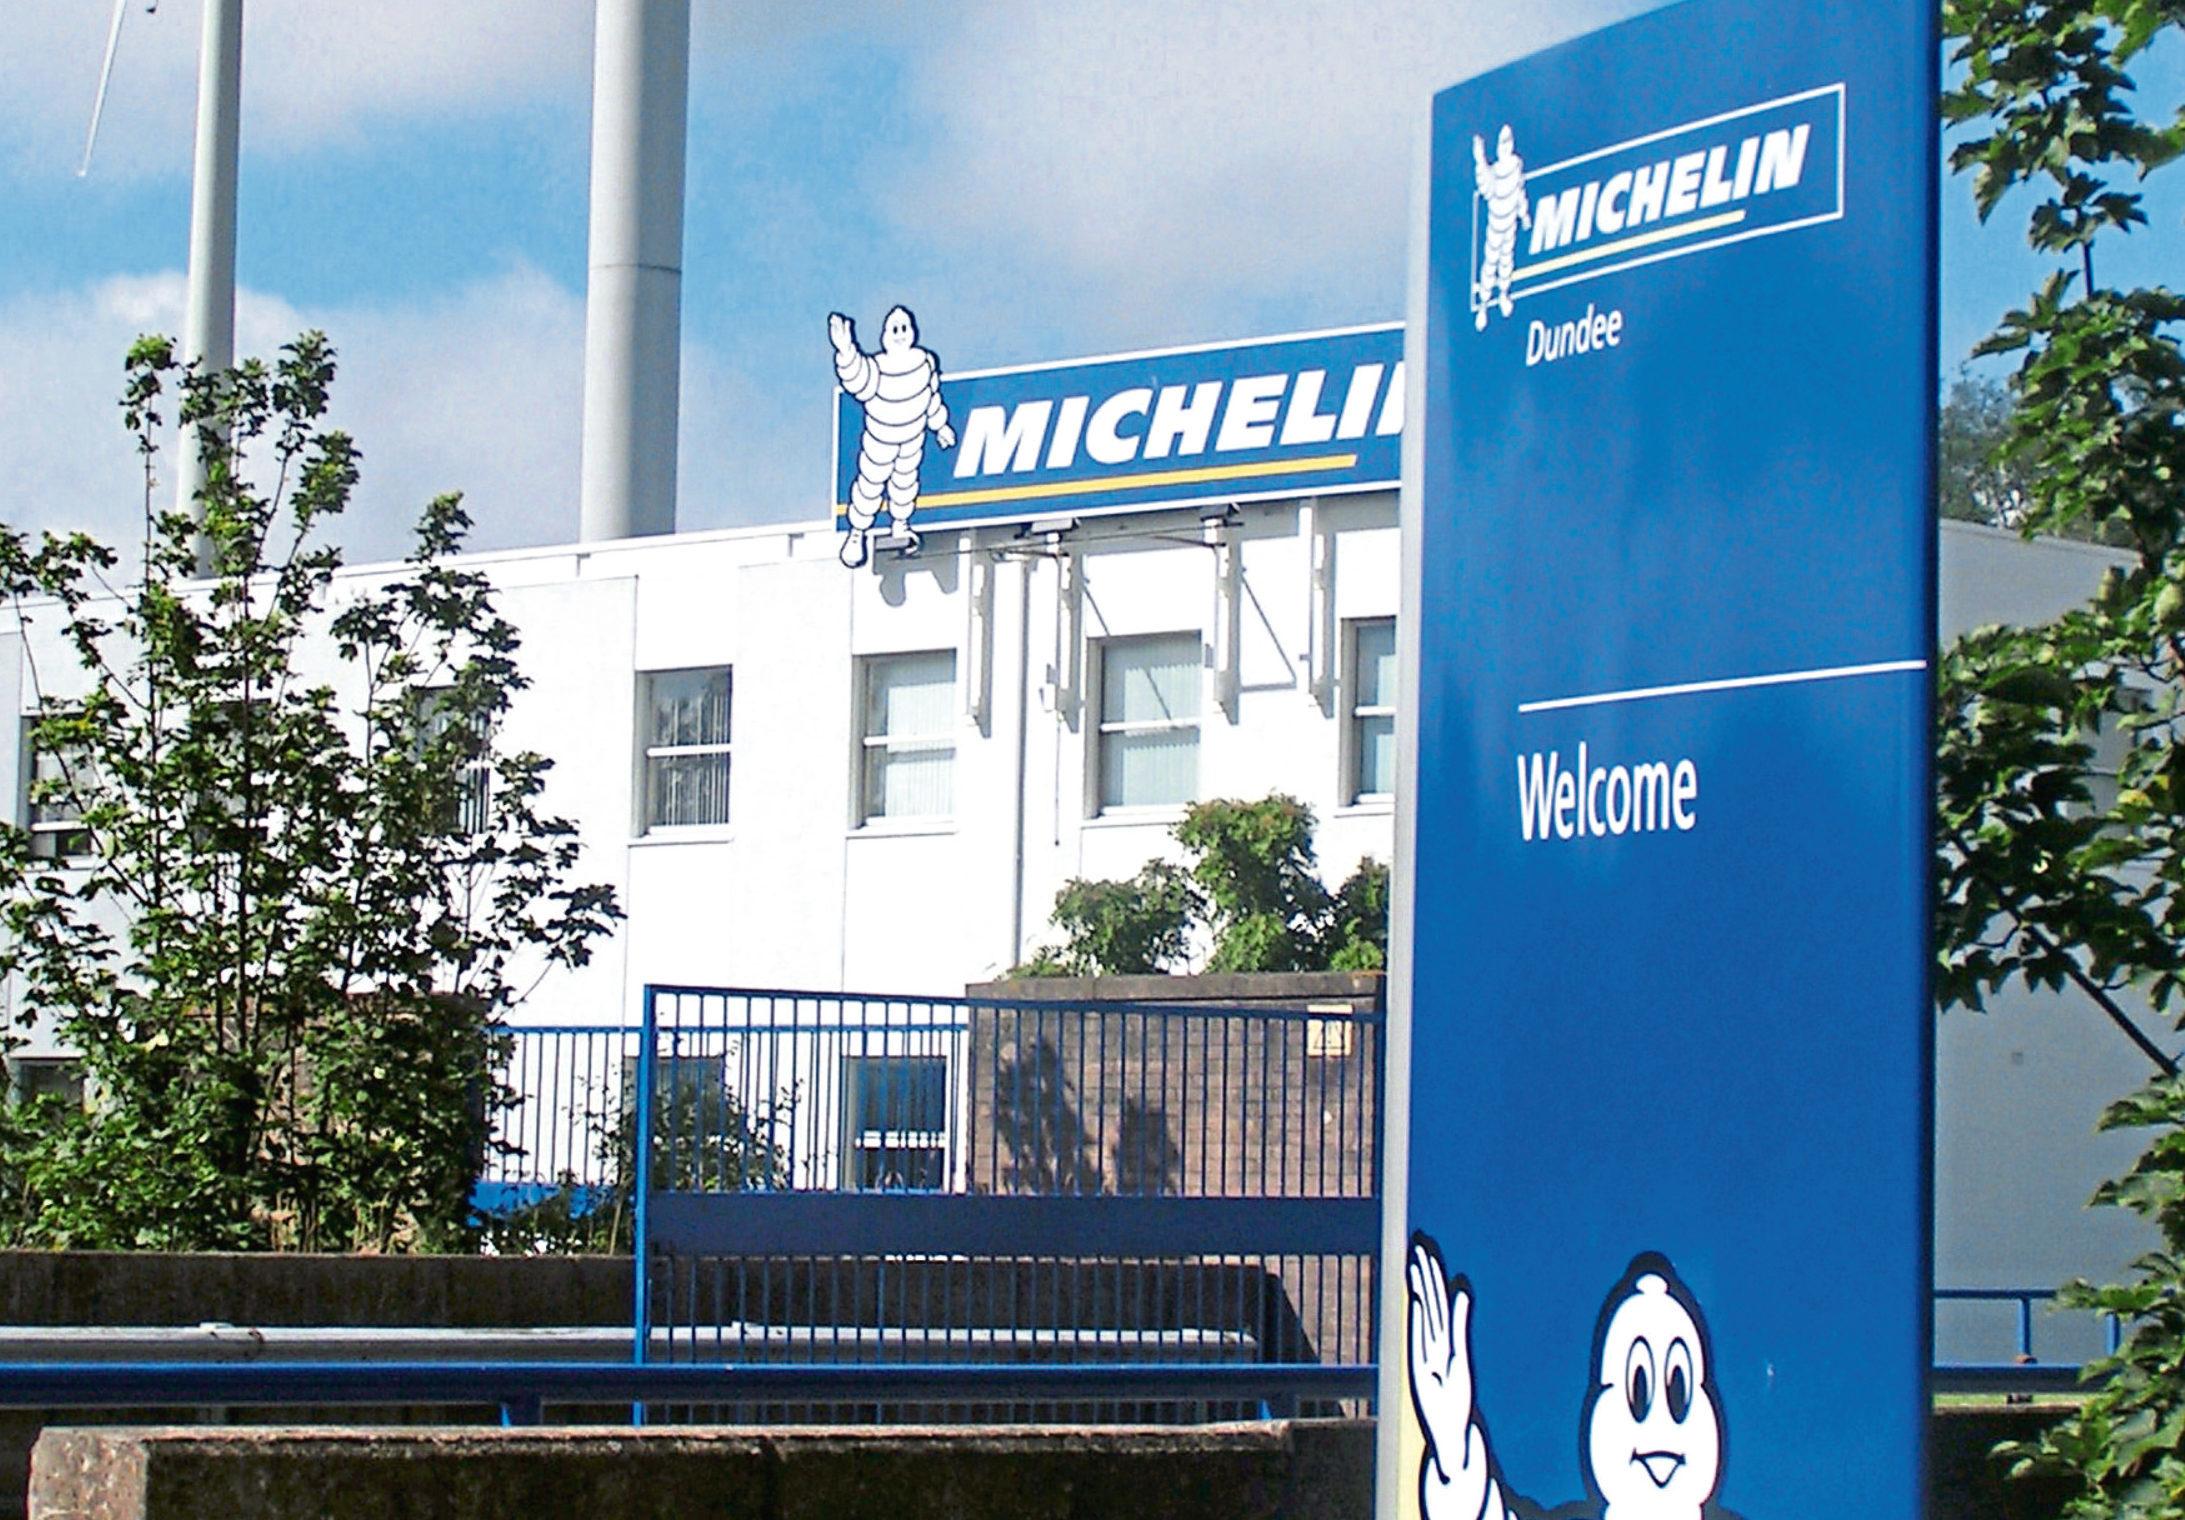 The Michelin site in Douglas.